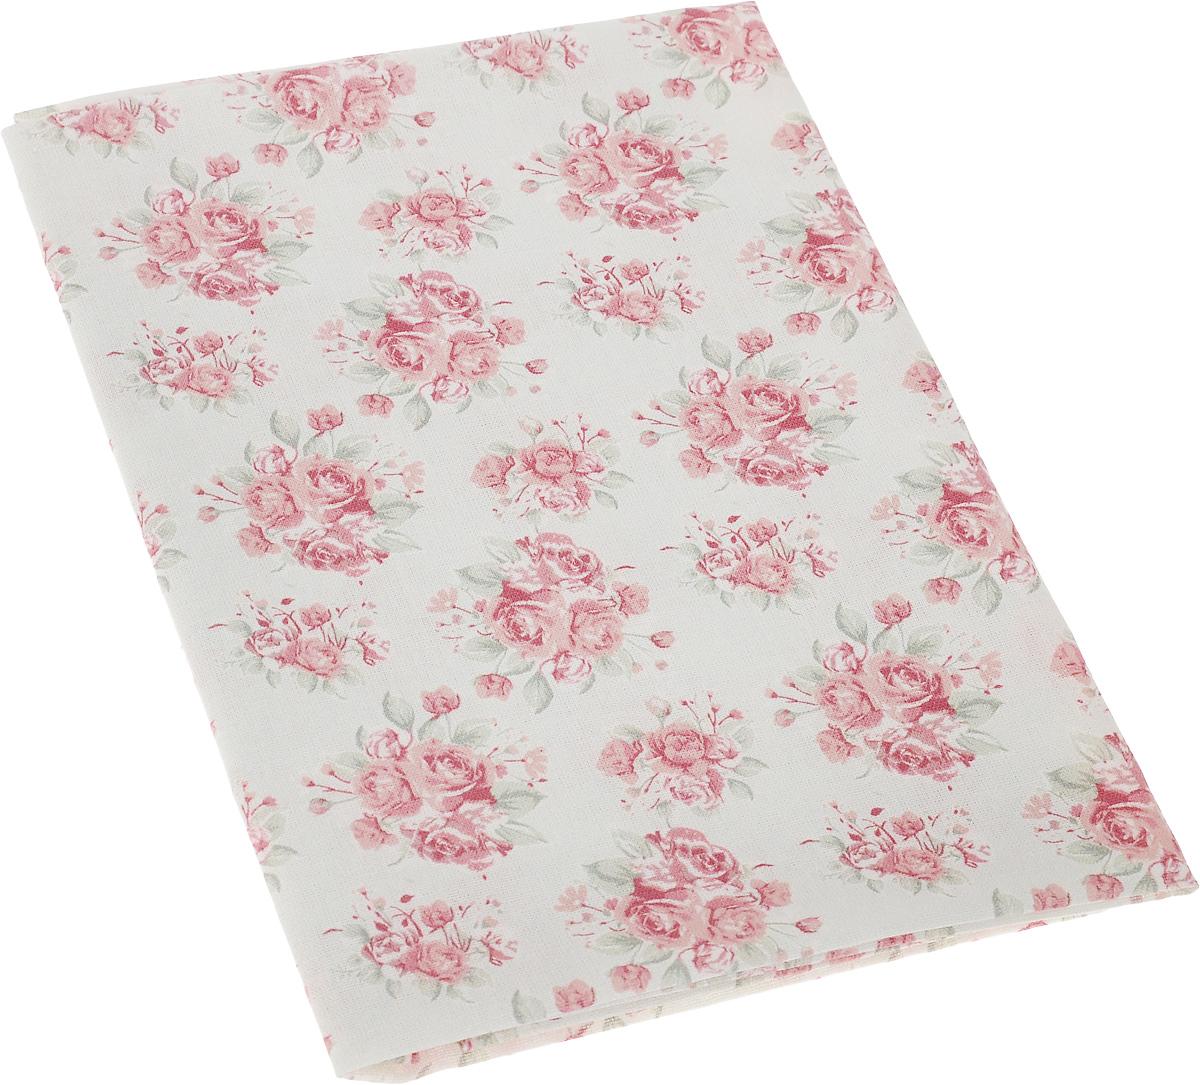 """Ткань Артмикс """"Розы, клетка и листочки"""",  изготовленная из 100% хлопка, предназначена для  пошива одеял, покрывал, сумок, аппликаций и  прочих изделий в технике пэчворк. Также подходит  для пошива кукол,  аксессуаров и одежды.   Пэчворк - это вид рукоделия, при котором по  принципу мозаики сшивается  цельное изделие из кусочков ткани (лоскутков).   Плотность ткани: 120 г/м2.  УВАЖАЕМЫЕ КЛИЕНТЫ! Обращаем ваше внимание, на тот факт, что размер  отреза может отличаться на 1-2 см."""